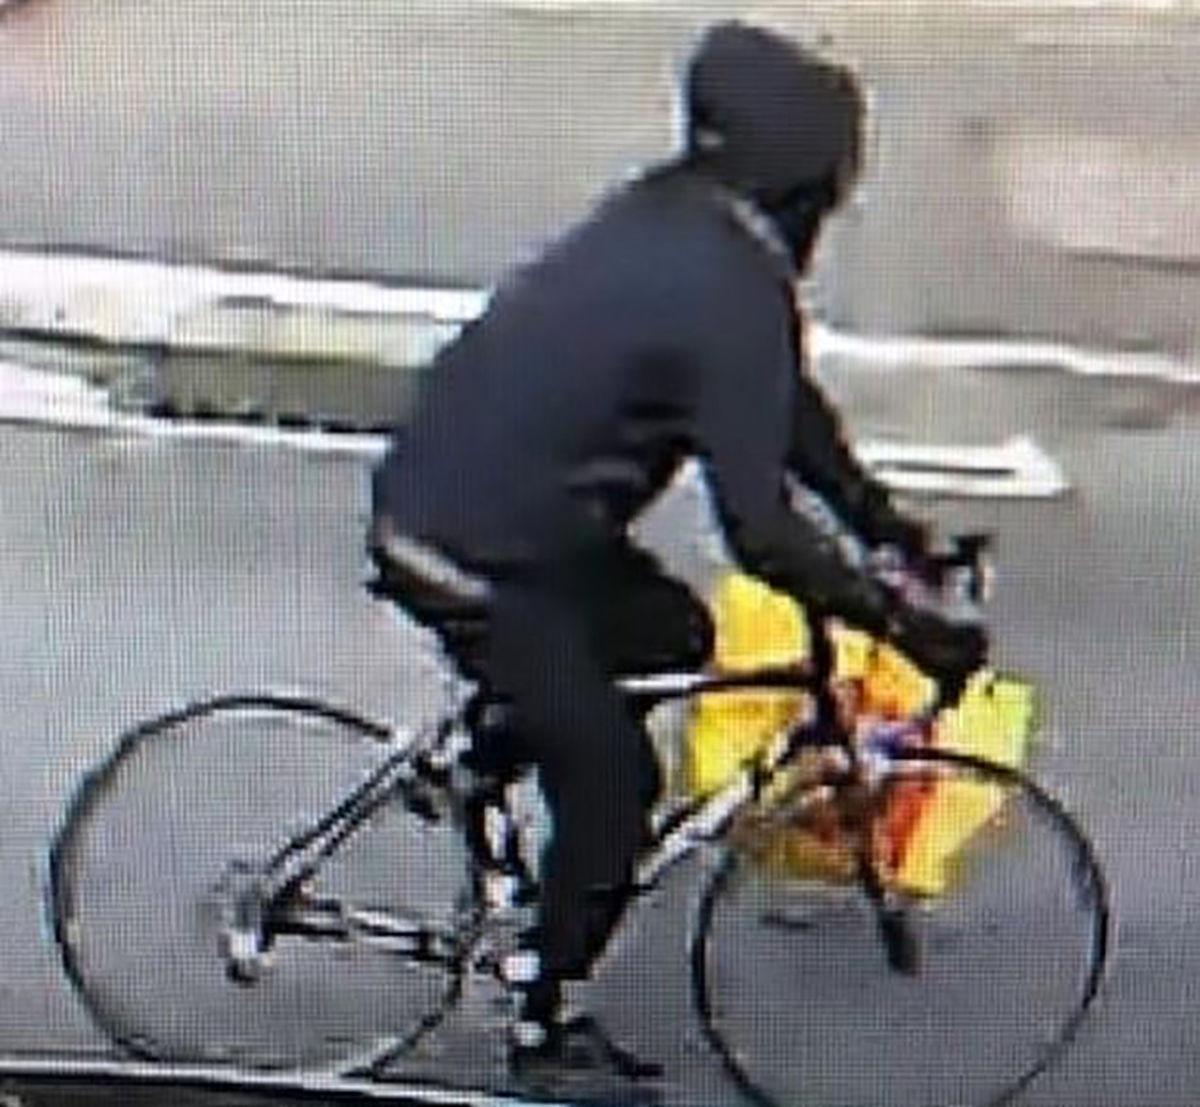 بیمار جنسی 9 زن در خیابان را آزار داد+عکس مرد دوچرخه سوار ناشناس